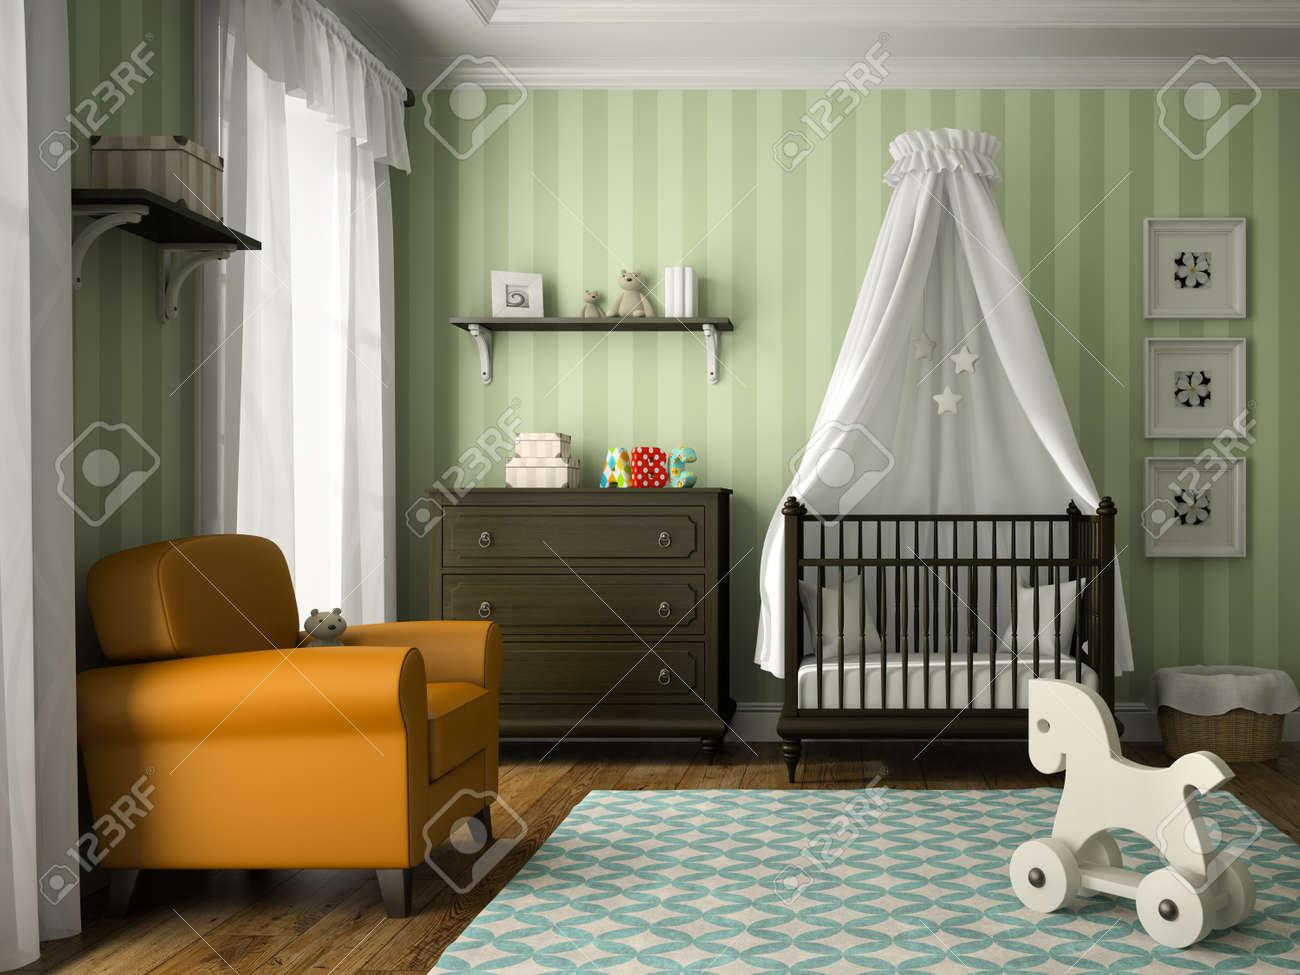 Klassische Kinderzimmer Mit Grünen Streifen Wand 3D Rendering Standard Bild    57655674